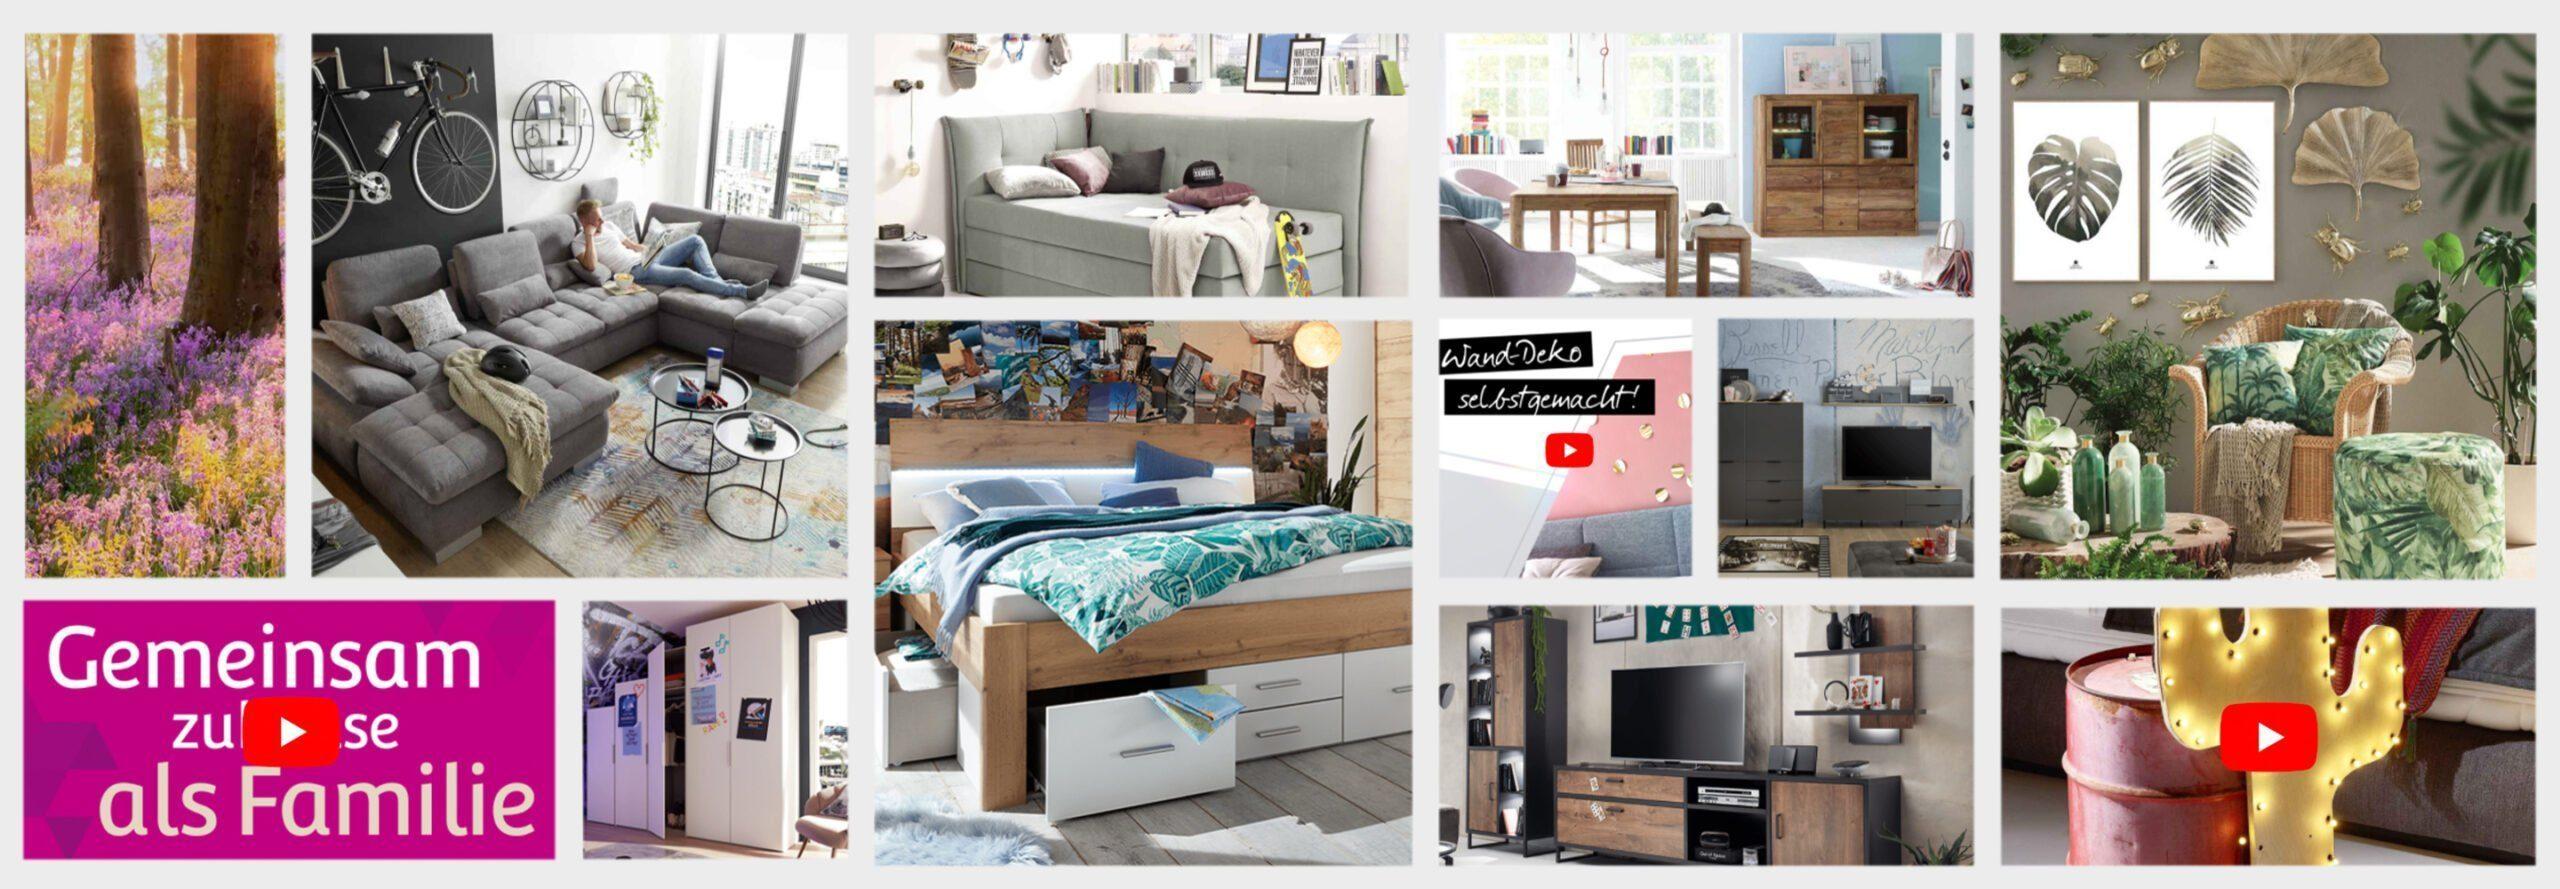 Trendbox Magazin Haus Banner